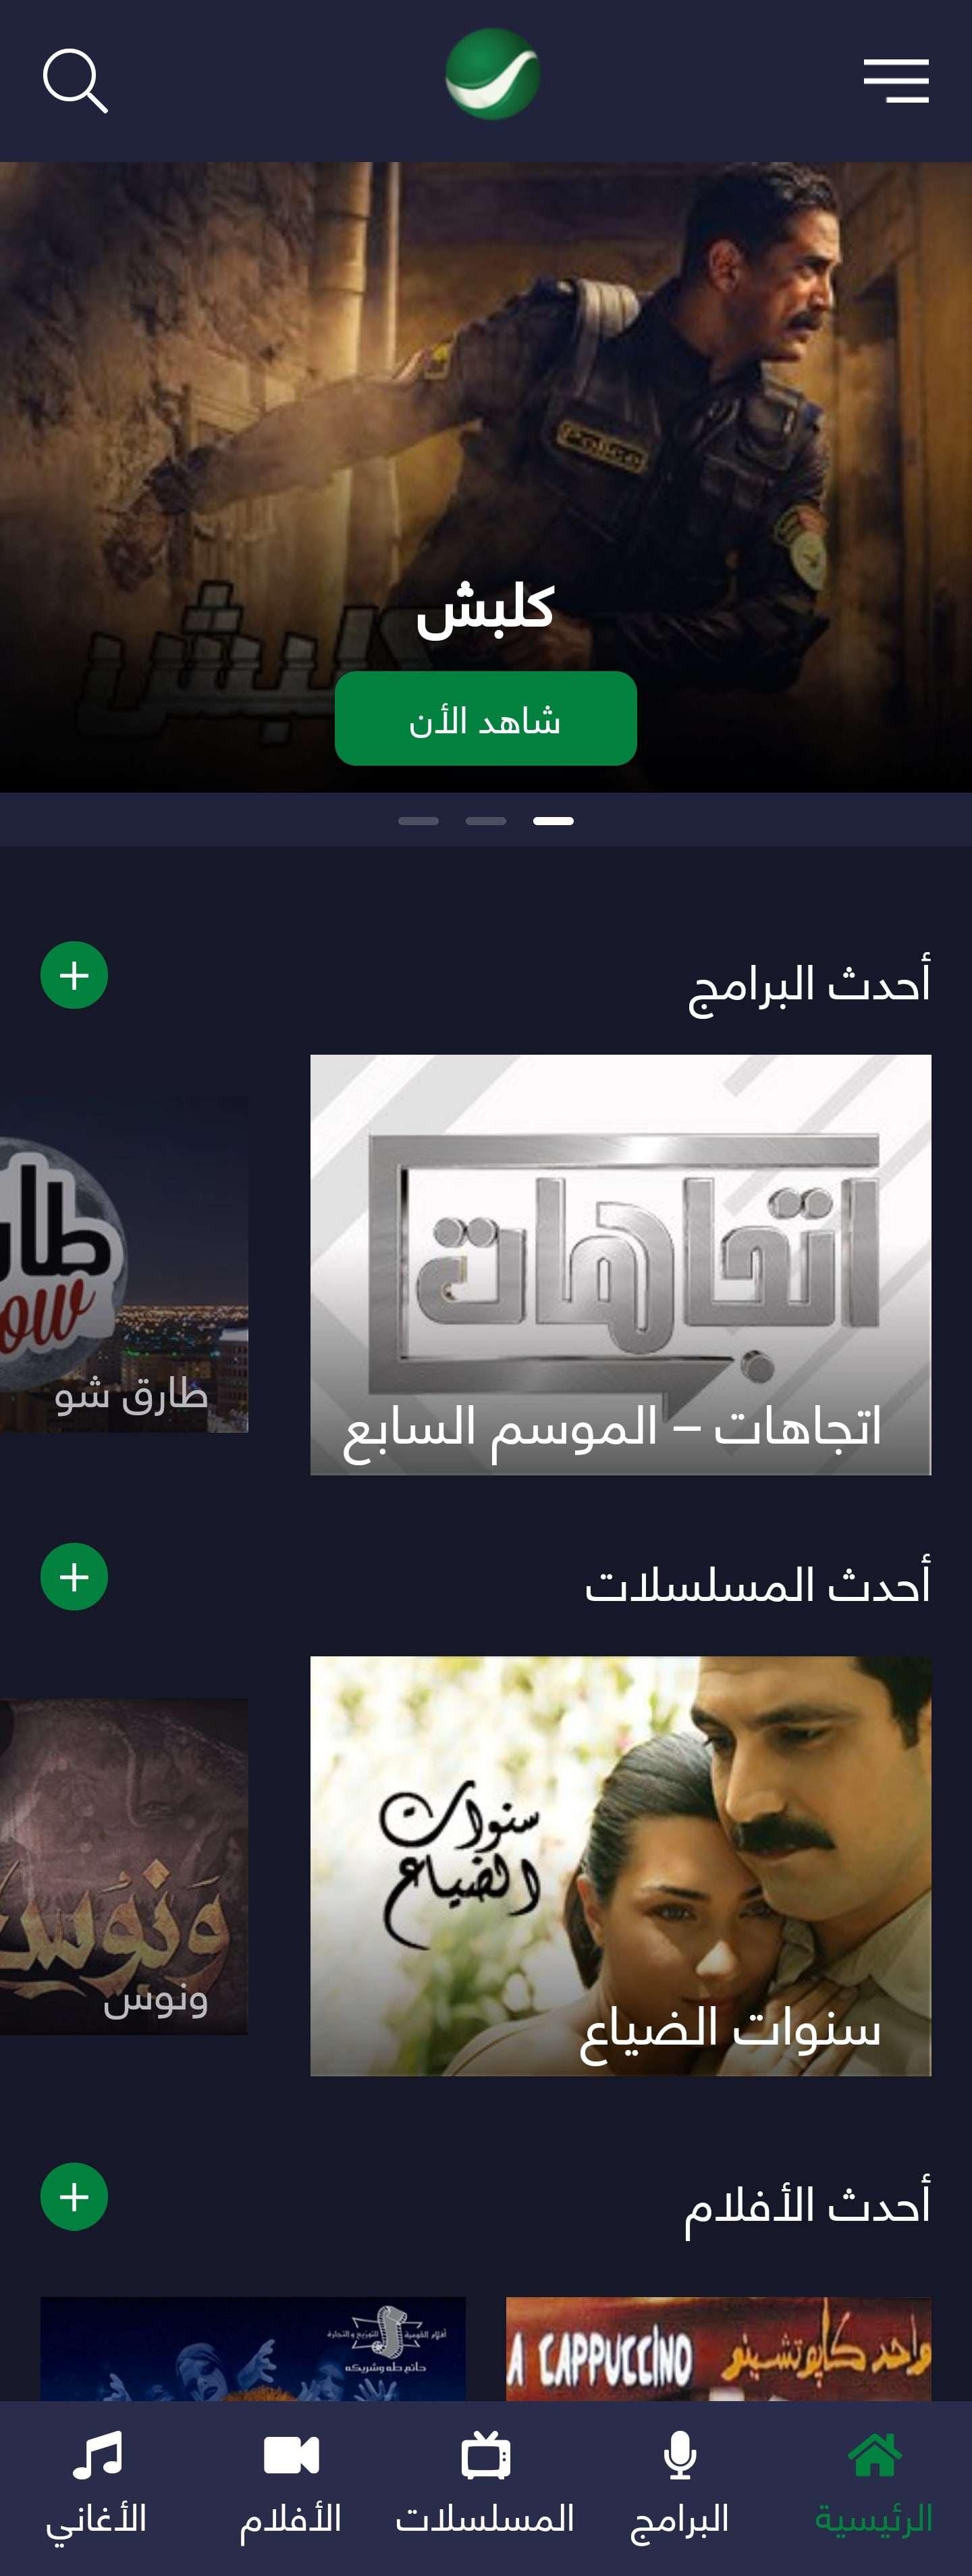 Rotana Mobile App